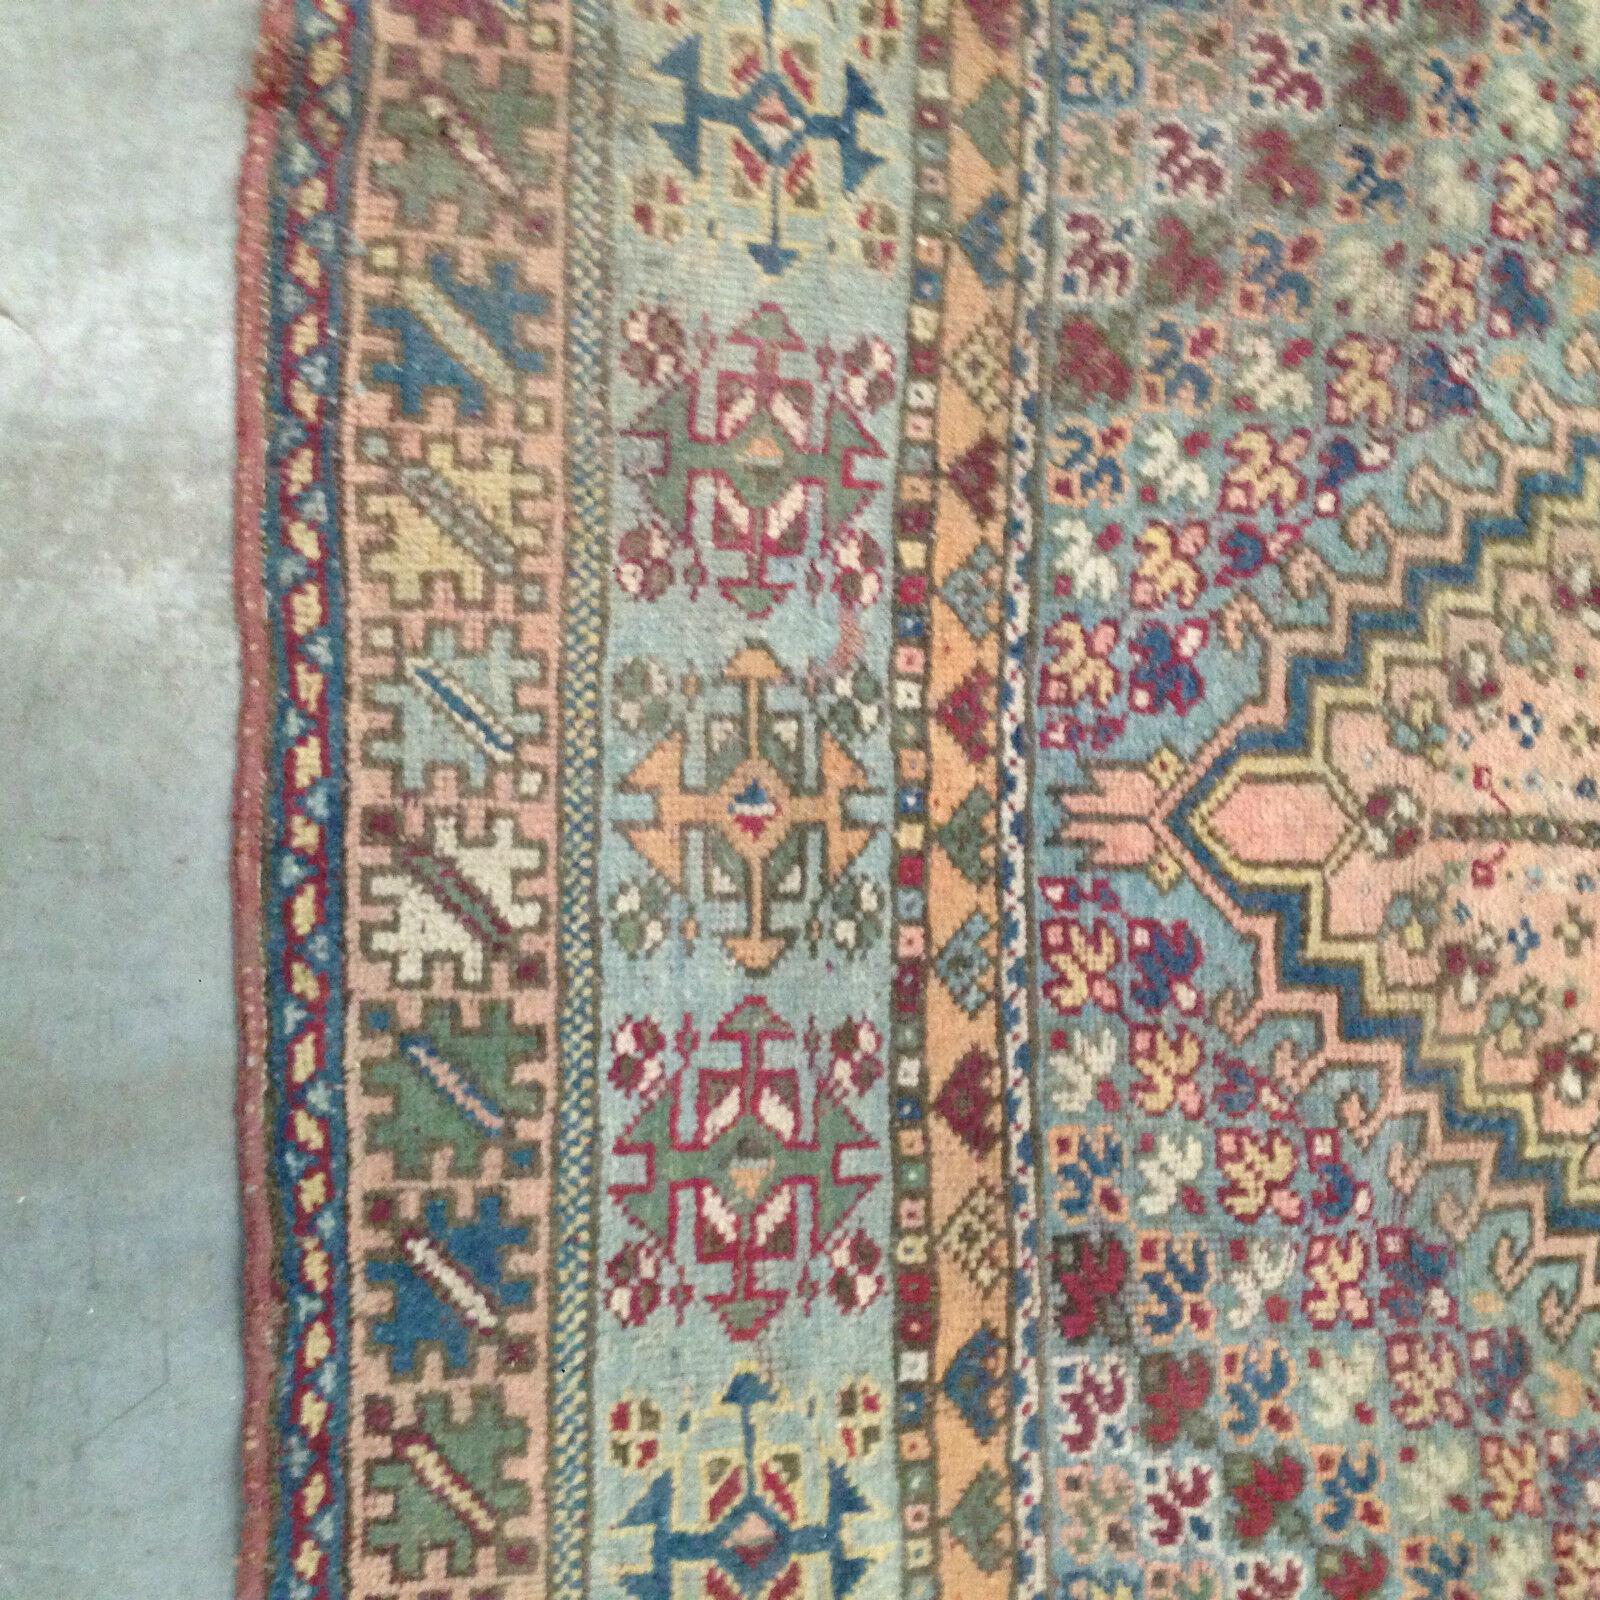 grand tapis d 39 orient ancien usure motif g om trique multi couleur xx si cle eur 460 00. Black Bedroom Furniture Sets. Home Design Ideas